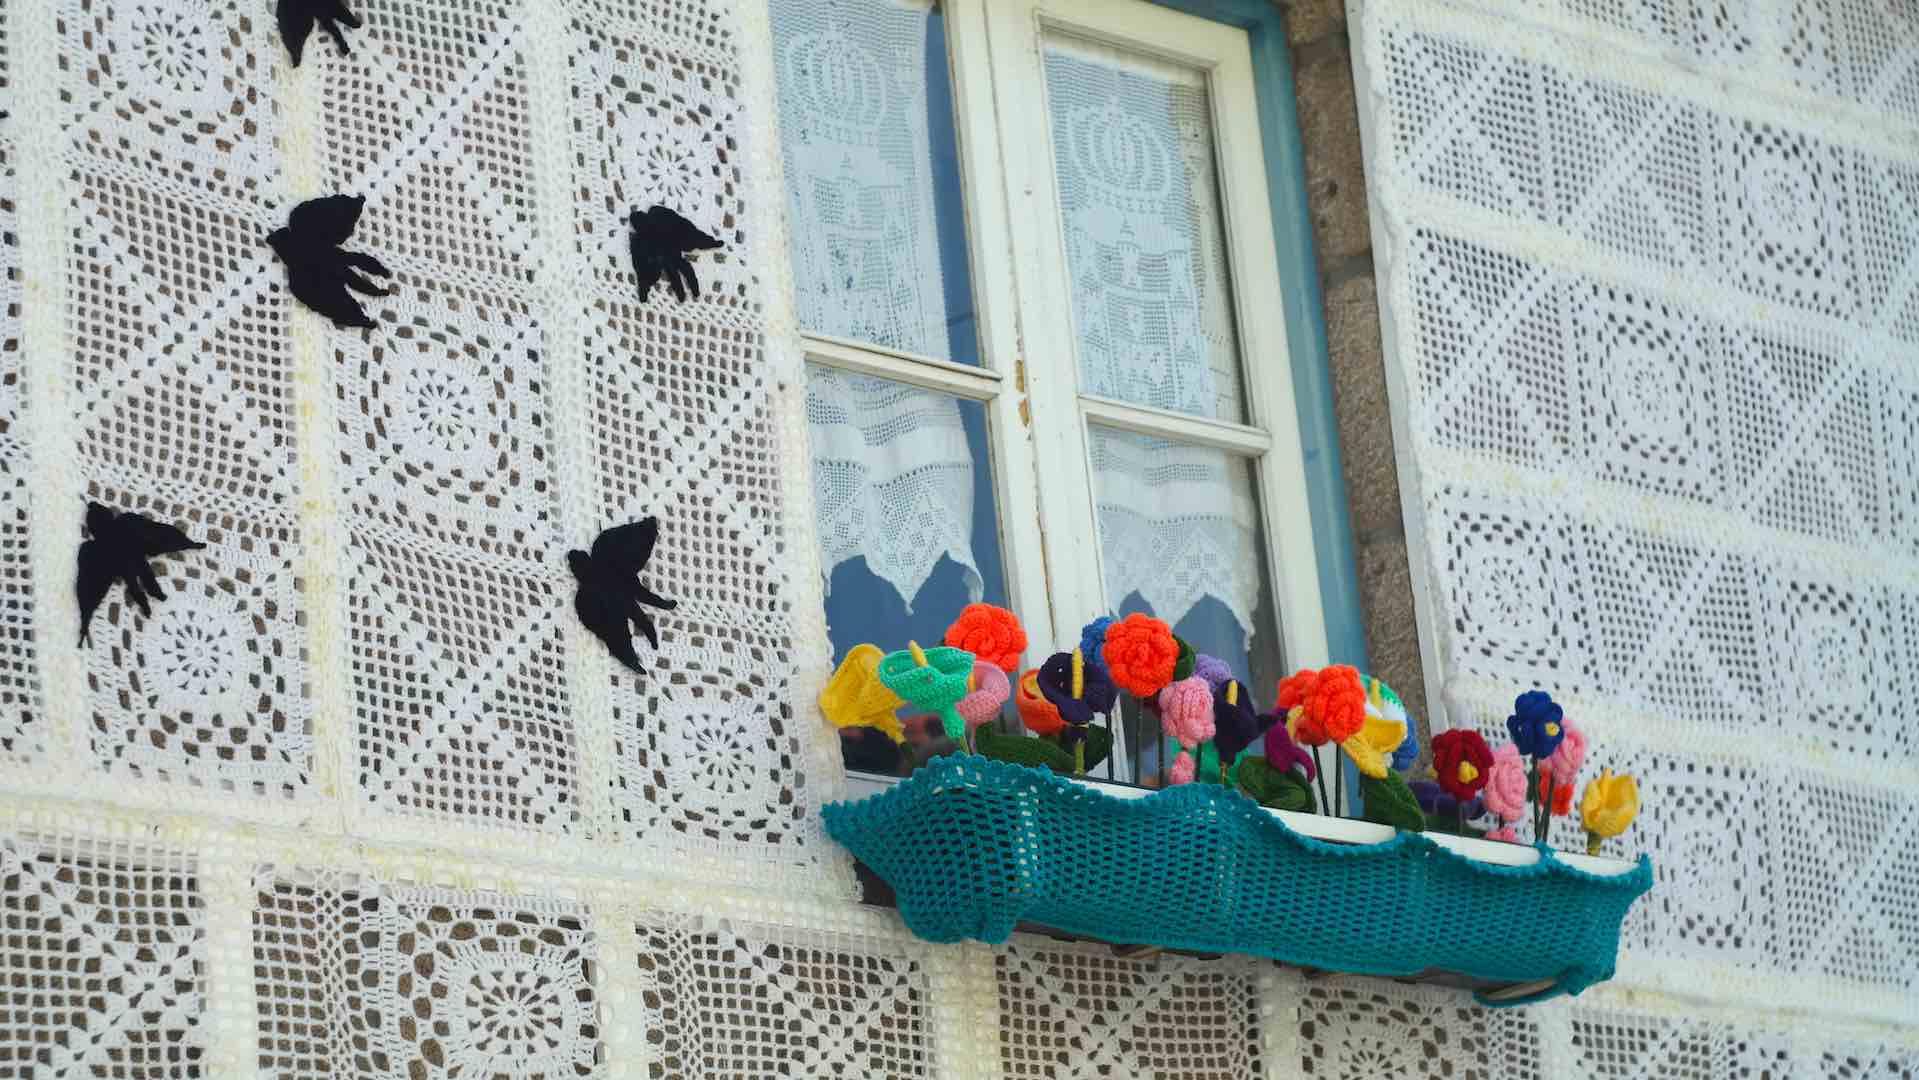 Fascinantes golondrinas y flores de ganchillo